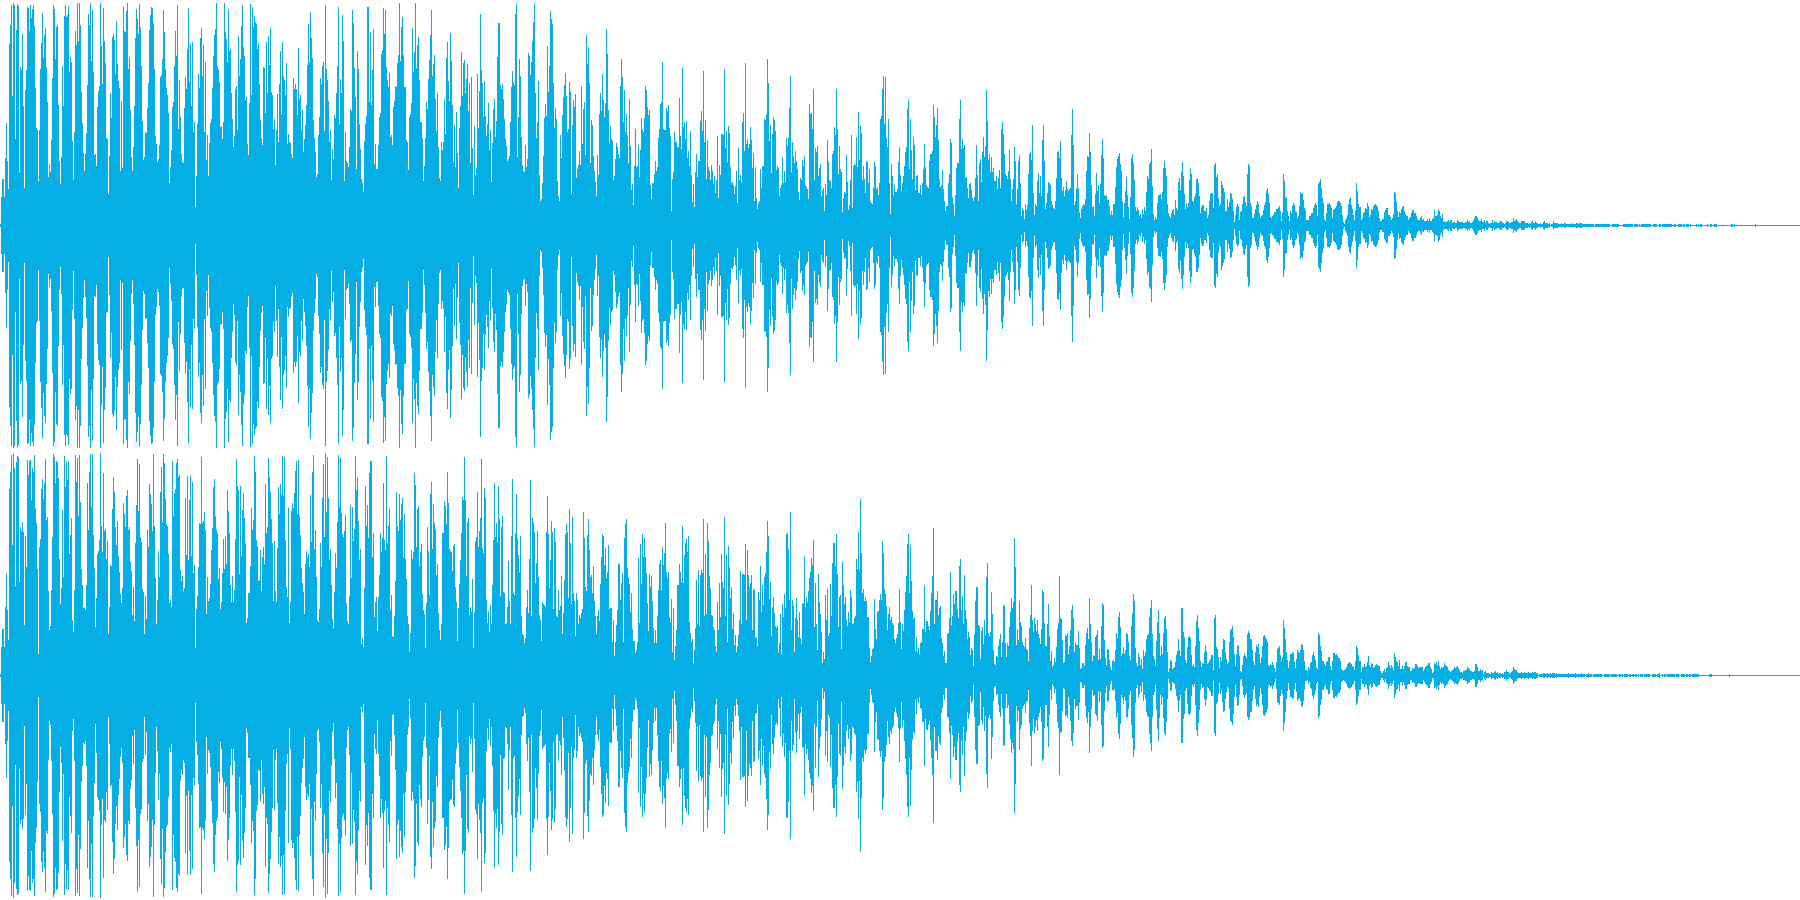 InvaderBuzz 発砲音 21の再生済みの波形